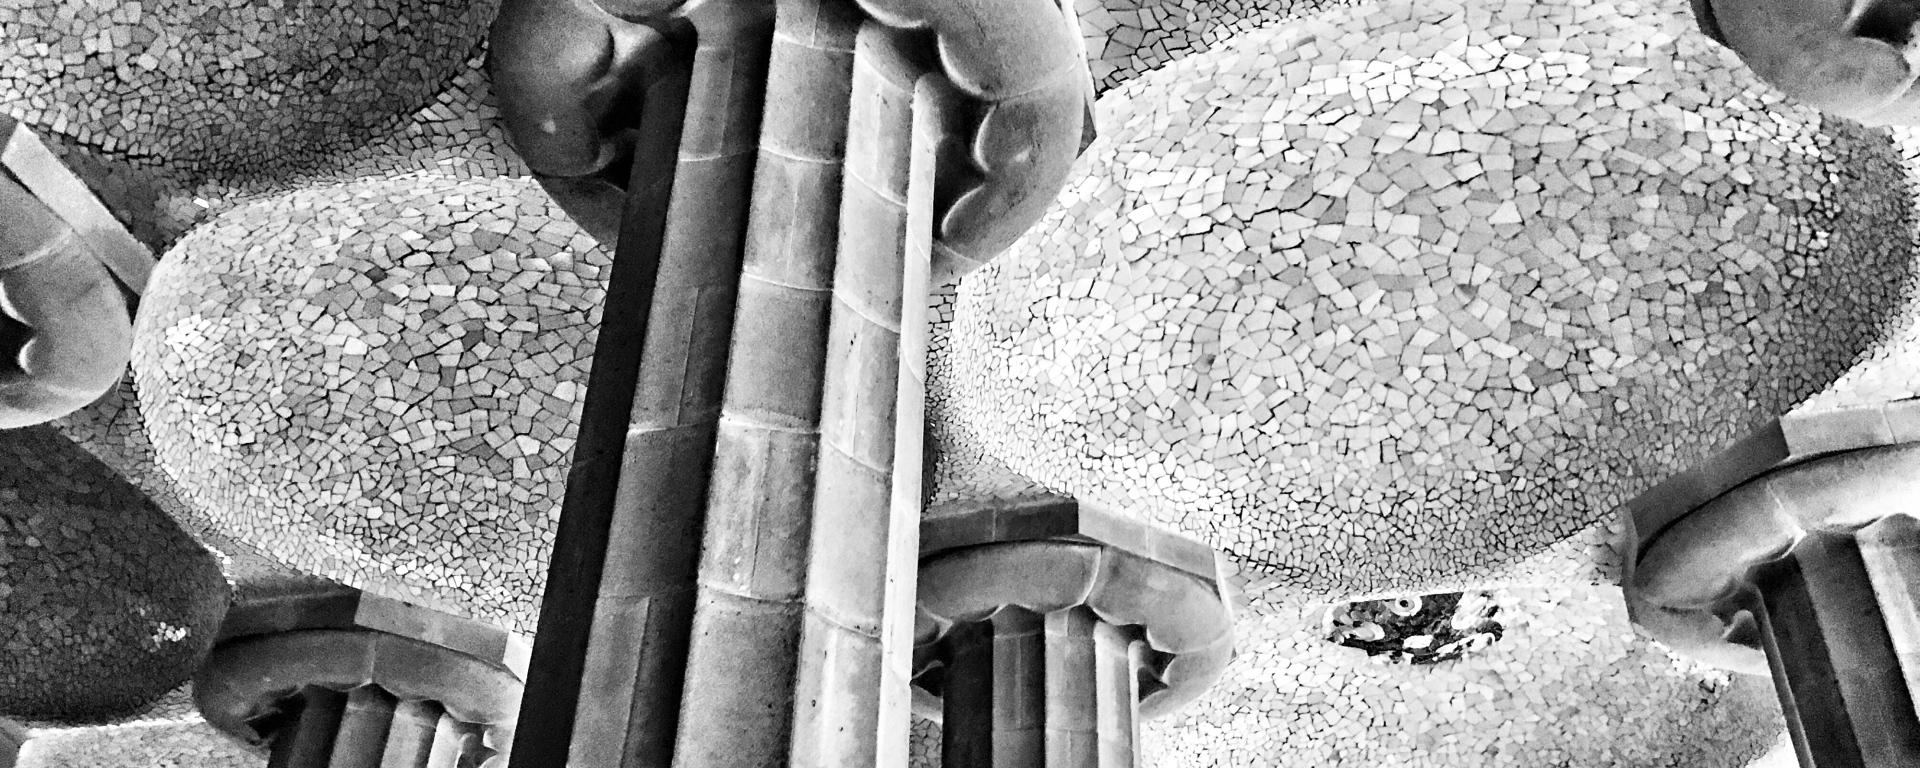 PARK GÜELL: Textured Ceiling Barcelona